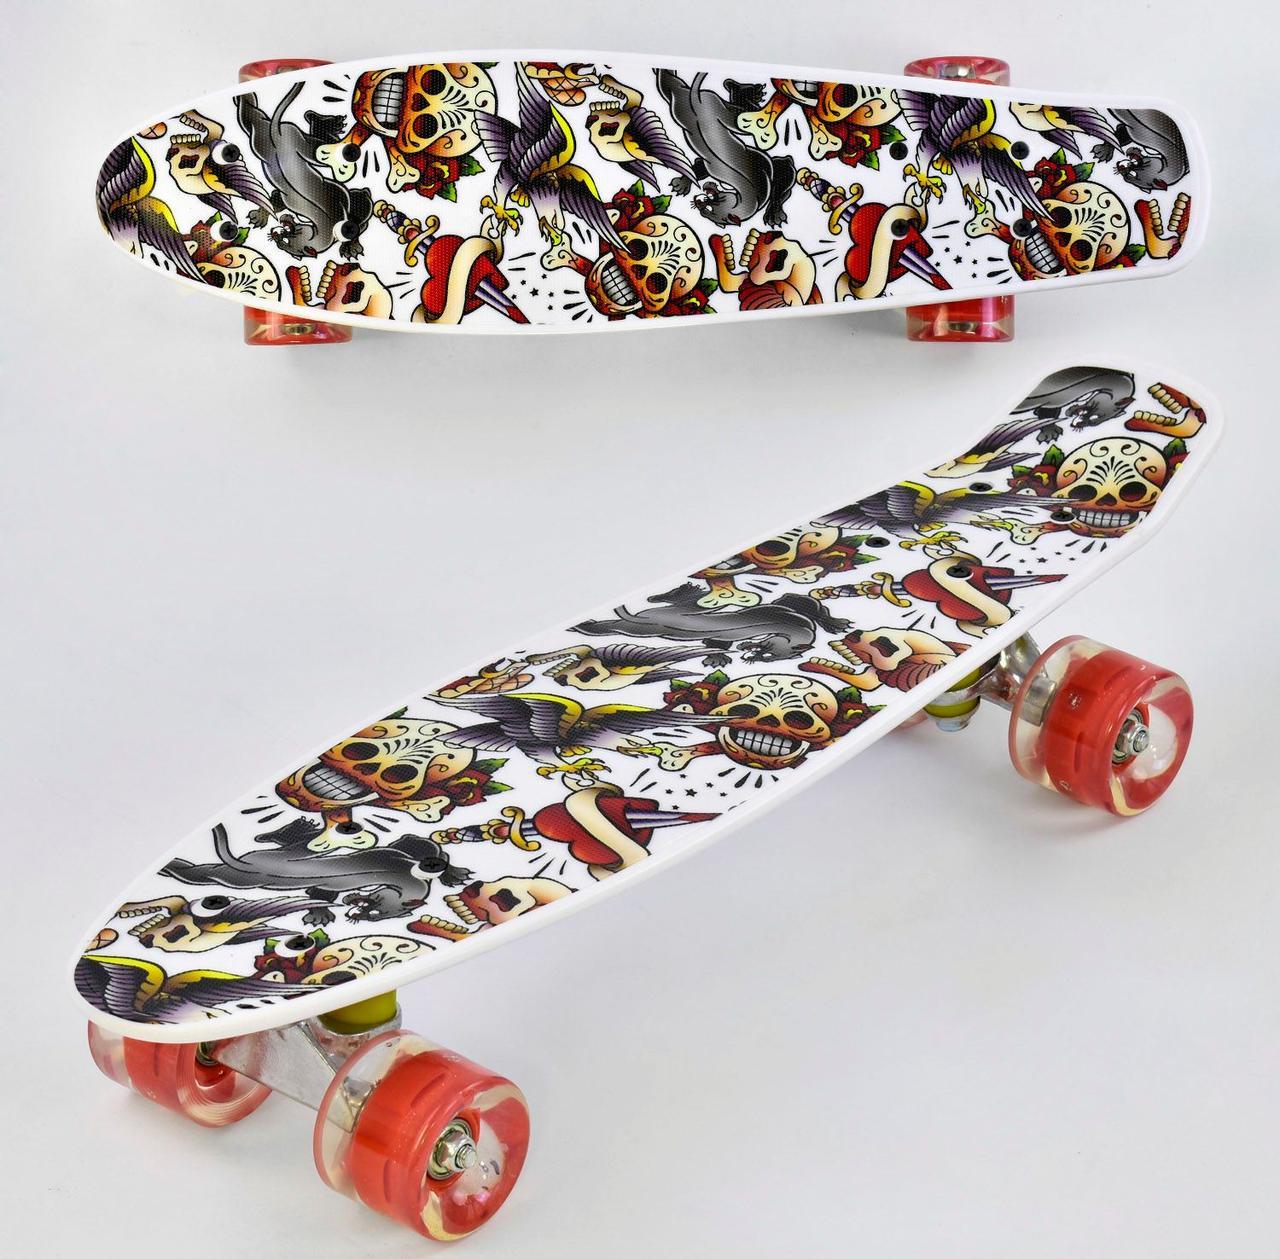 Скейт Penny board Р 14209 Белый 74543